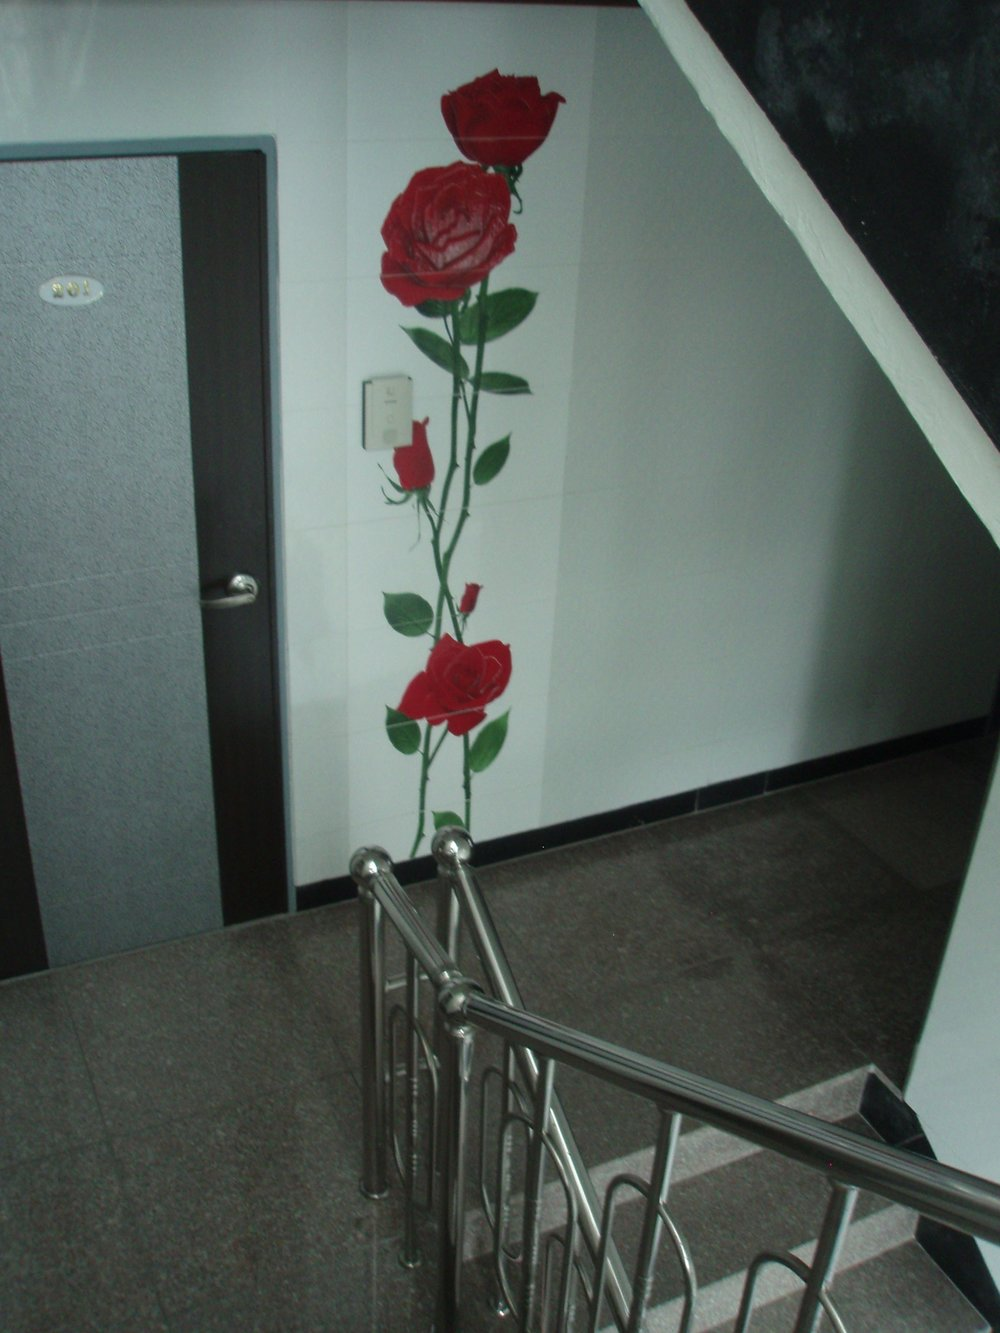 The-hallway-e1346667963858.jpg